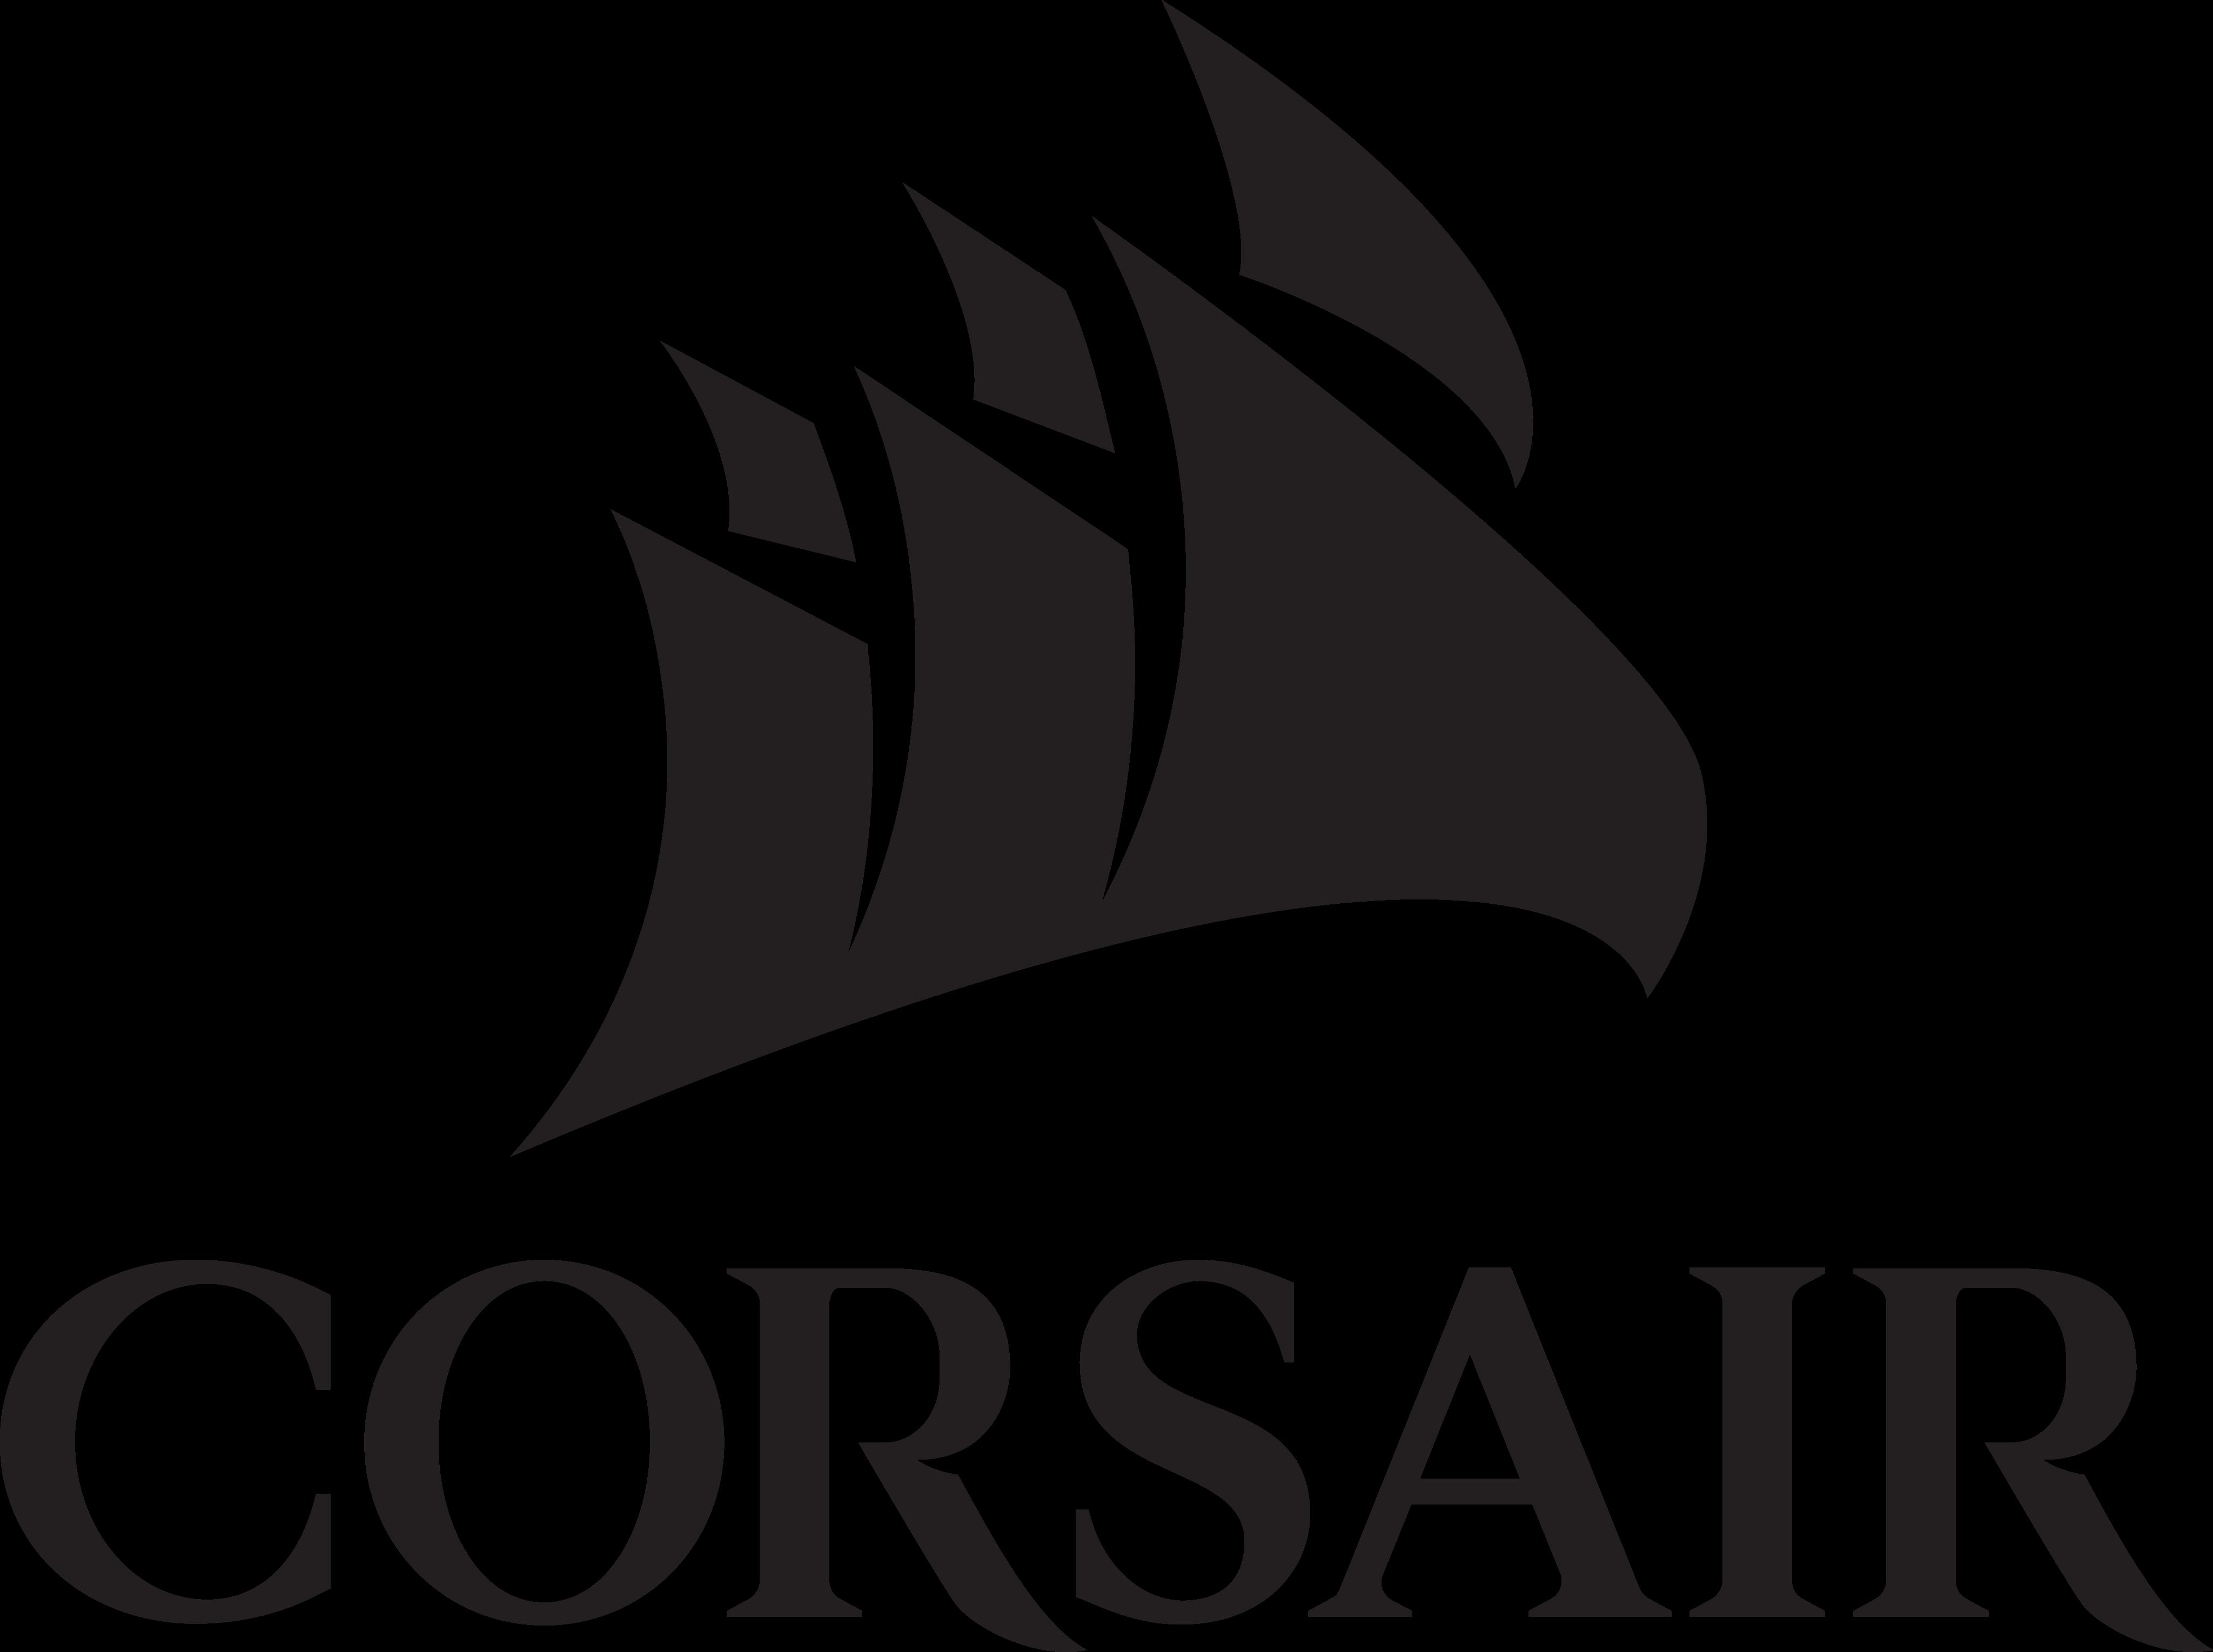 corsair logo 1 1 - Corsair Logo